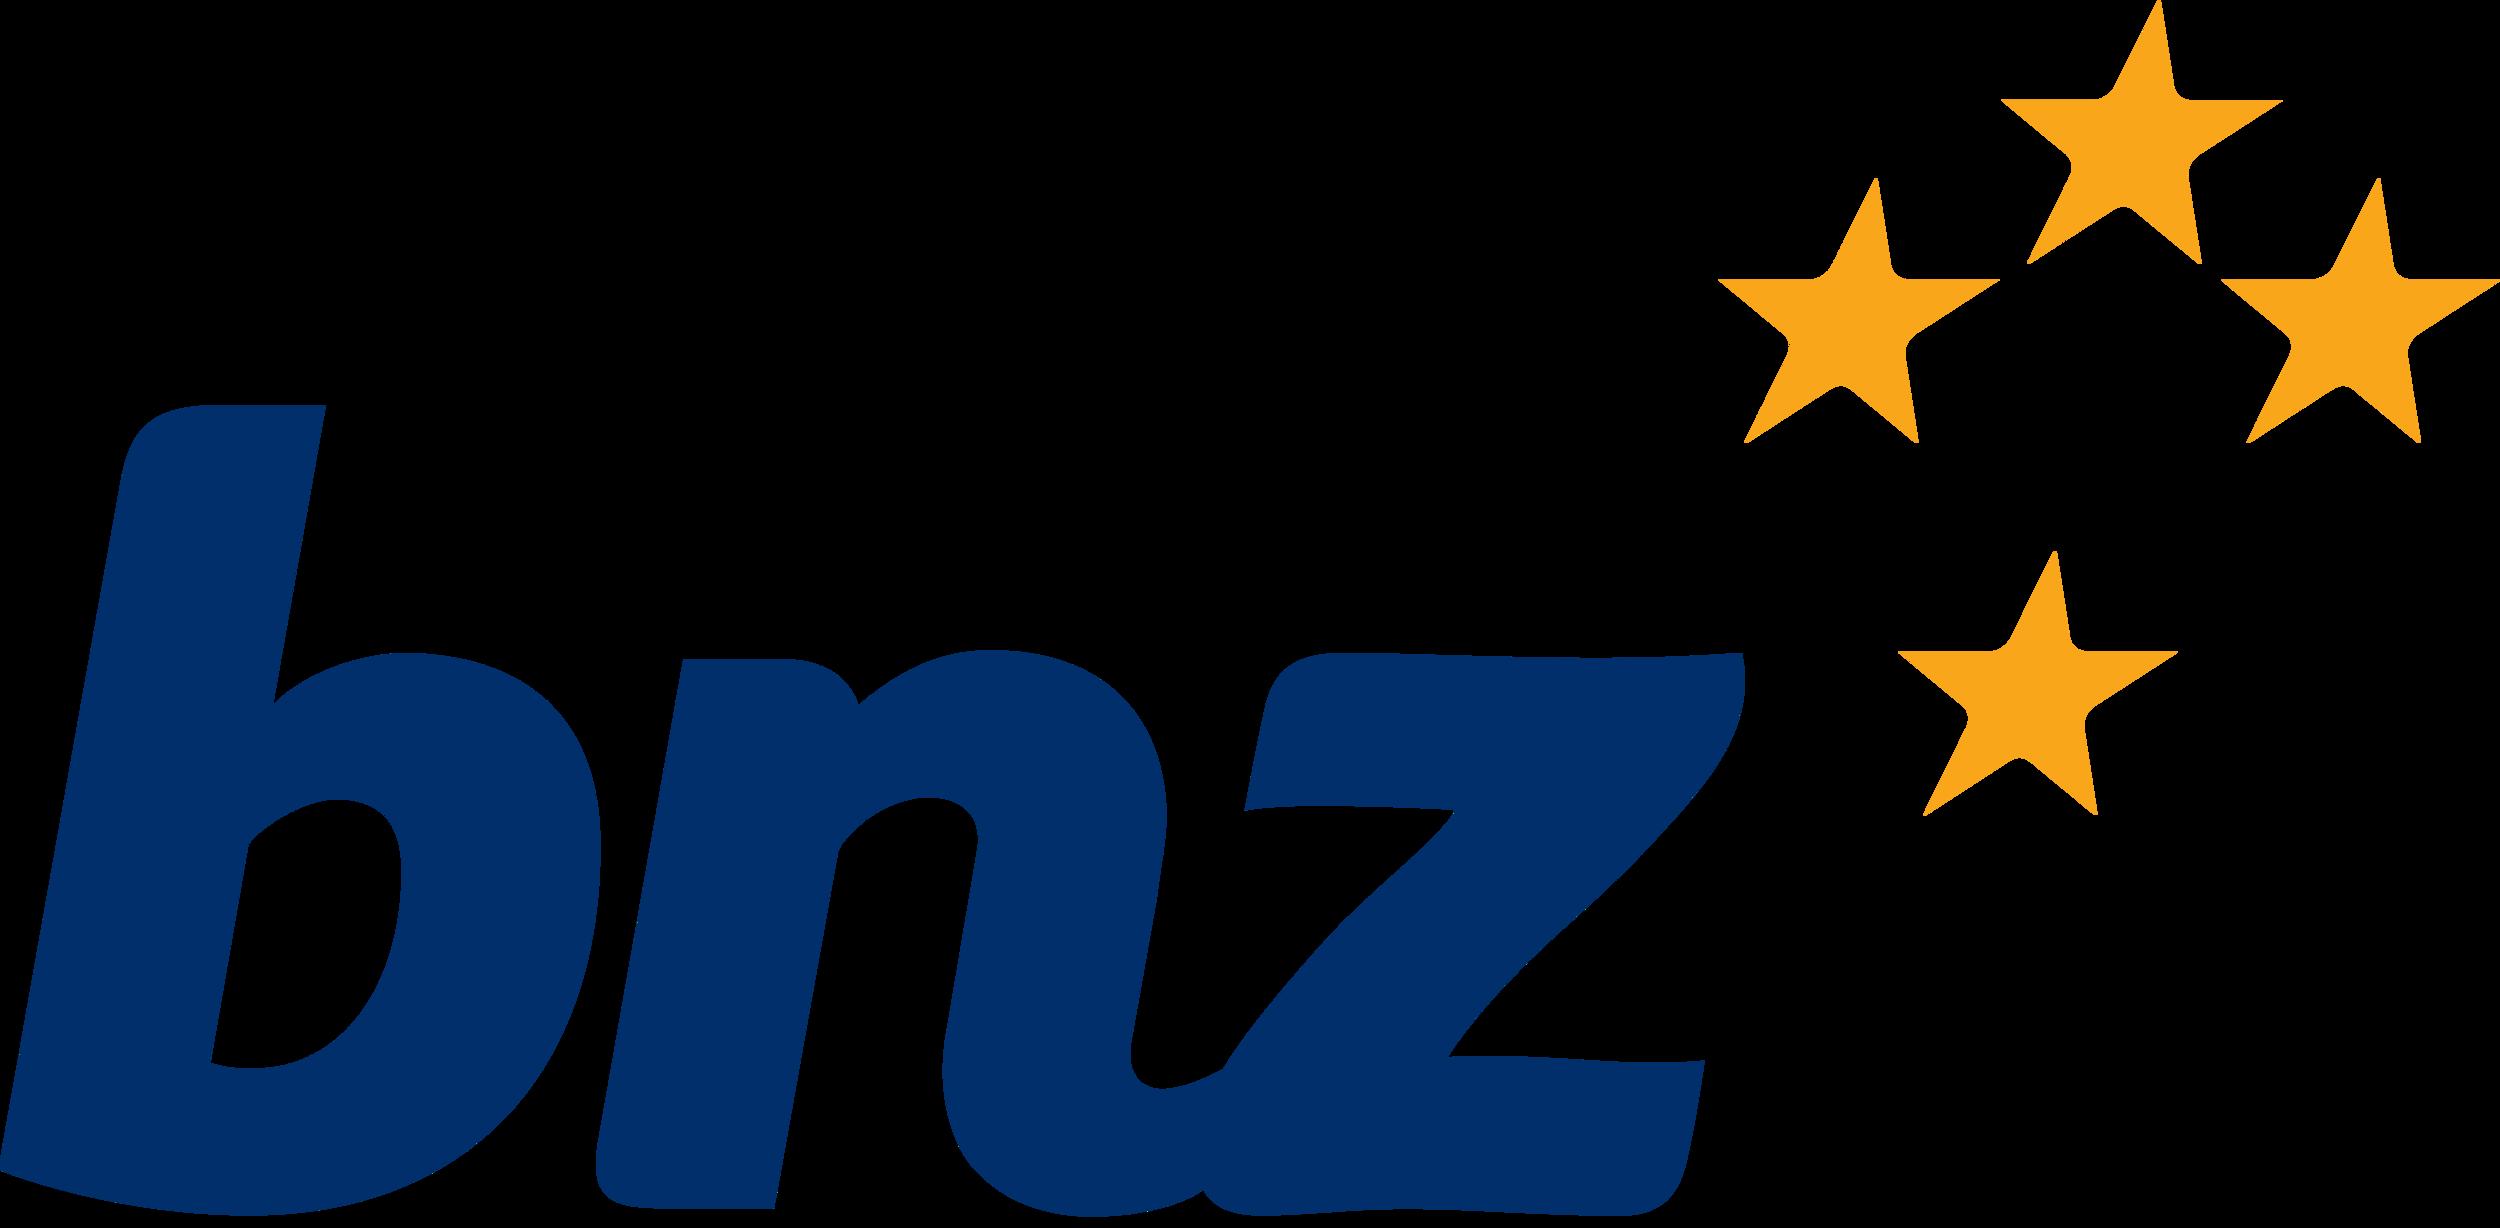 BNZ_logo.png